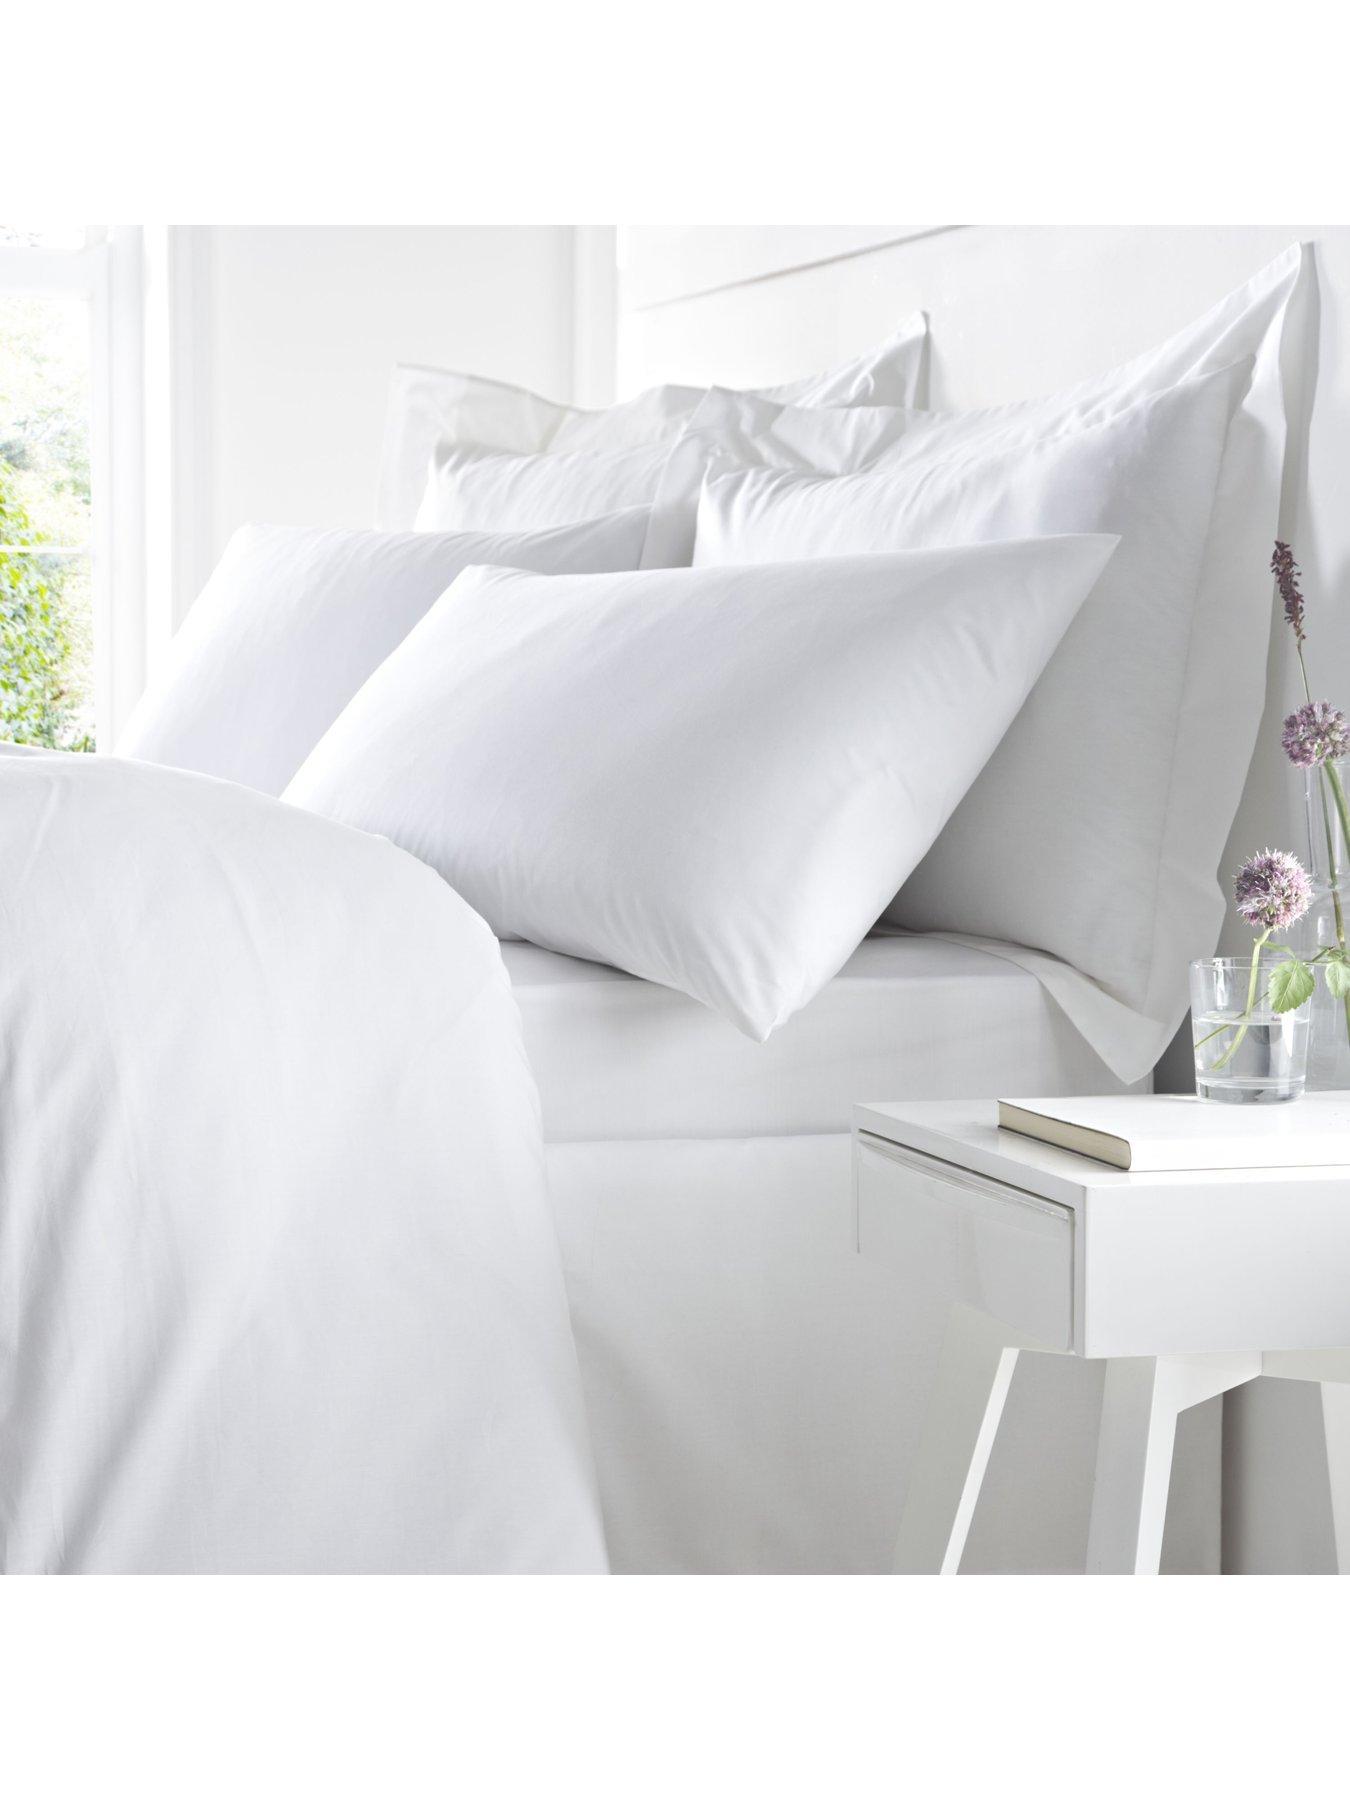 white duvet covers bedding home